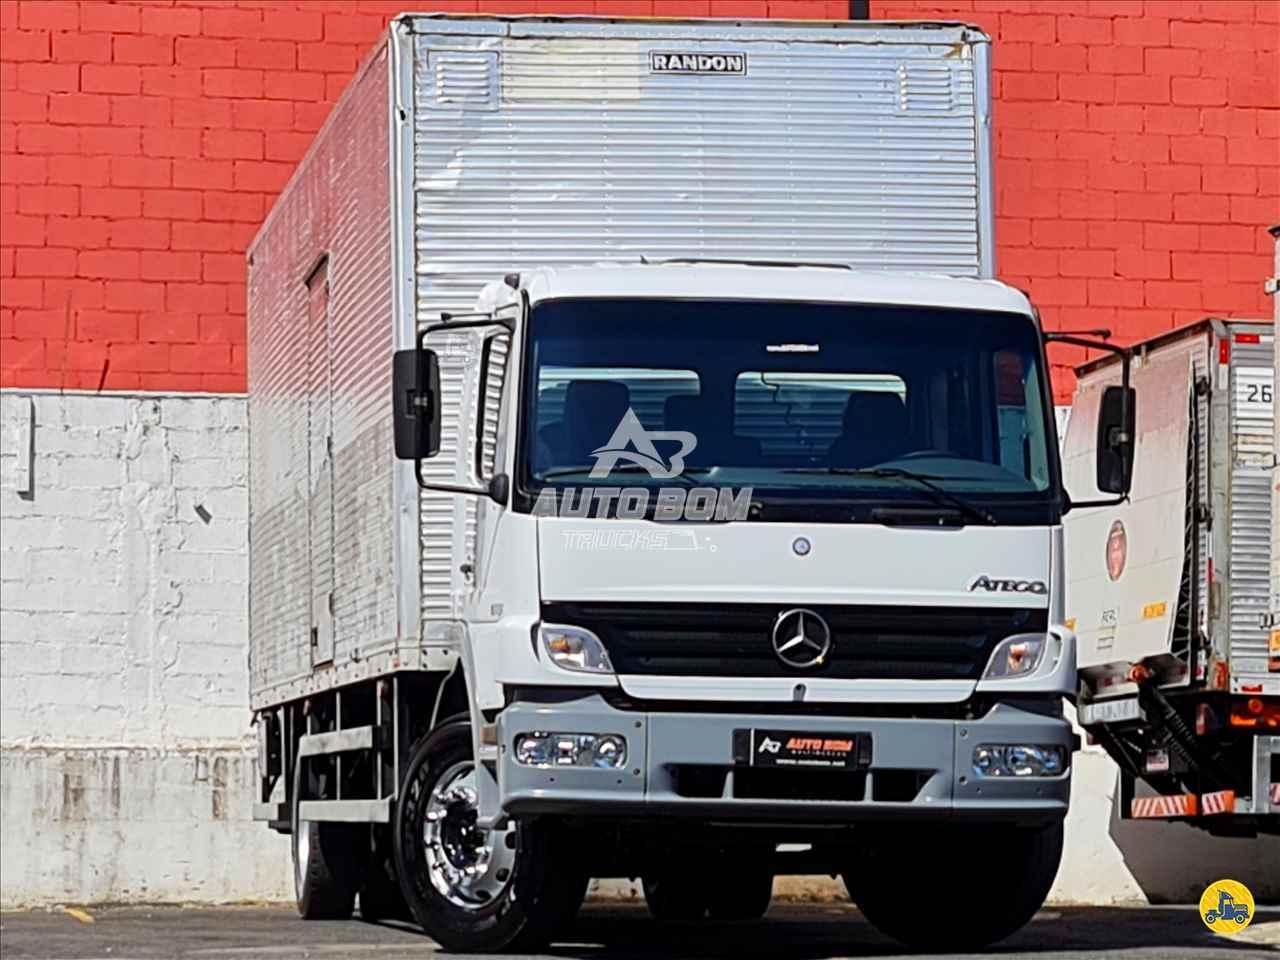 CAMINHAO MERCEDES-BENZ MB 1718 Chassis Toco 4x2 Autobom Trucks CONTAGEM MINAS GERAIS MG